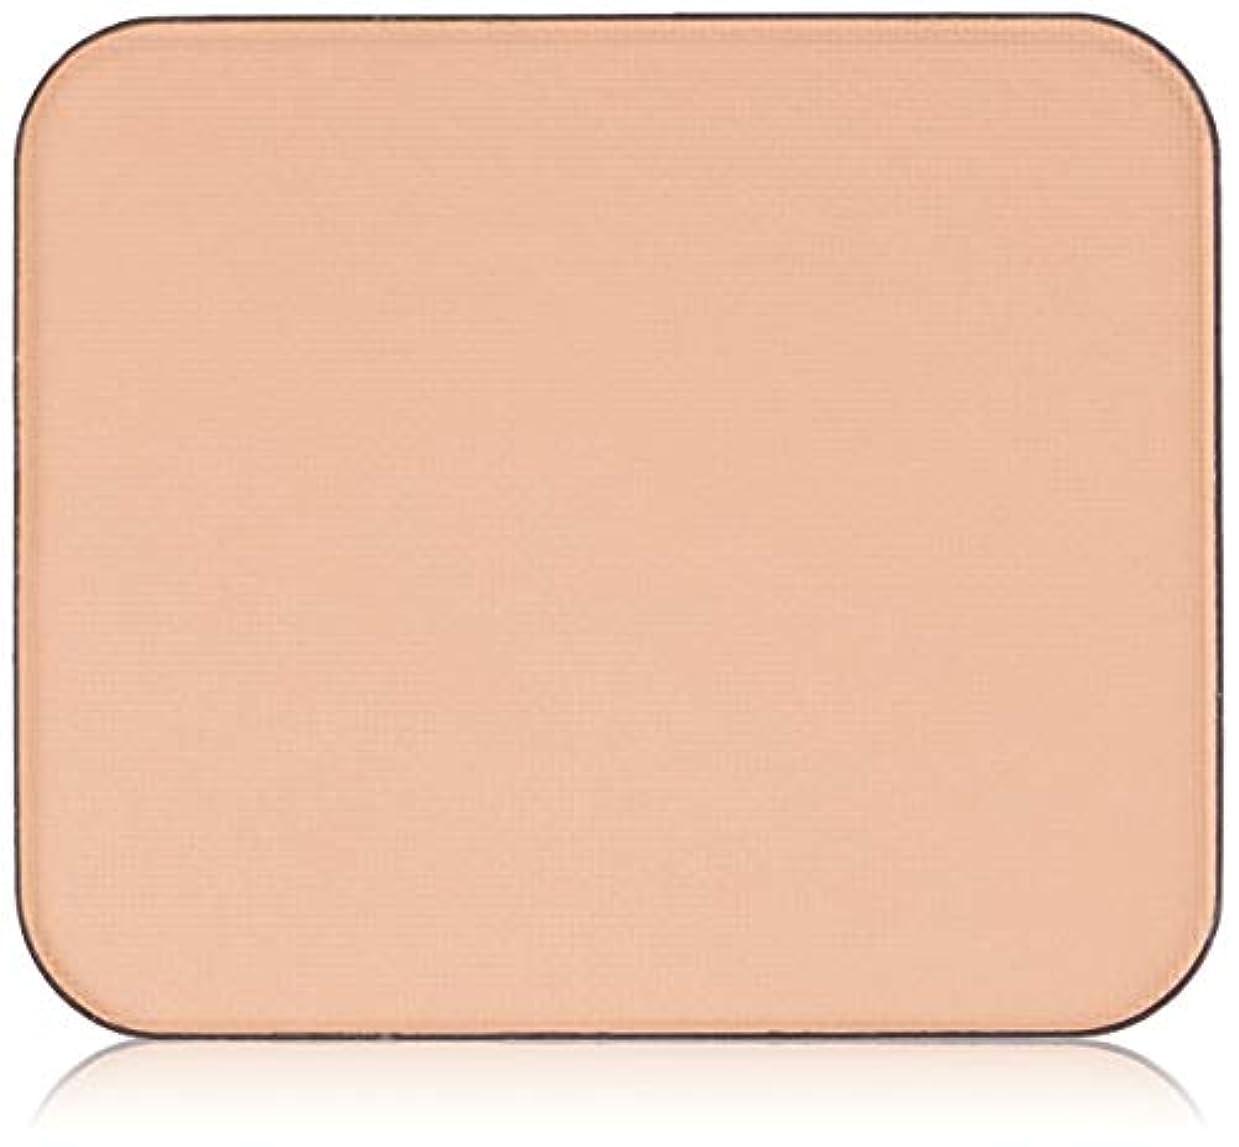 最も変化する含むCelvoke(セルヴォーク) インテントスキン パウダーファンデーション 全5色 102 明るいオークル系(標準色)